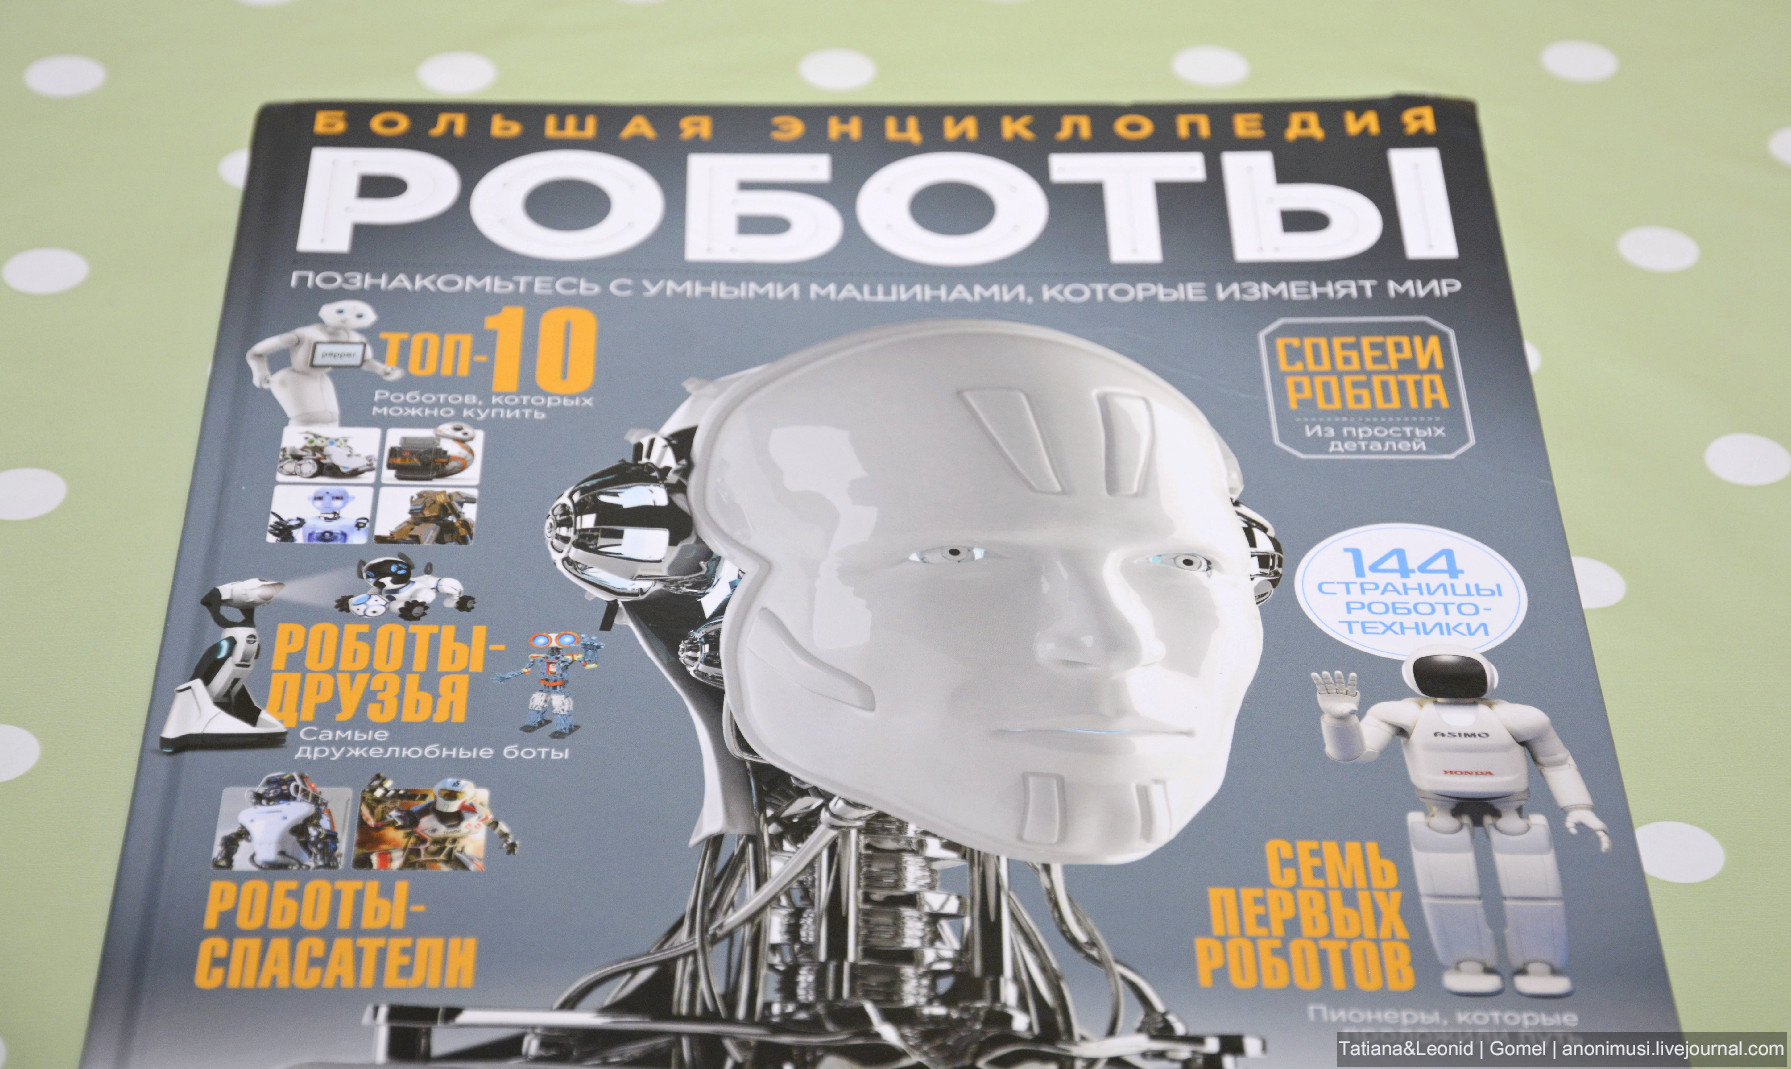 Как сделать робота книга фото 17